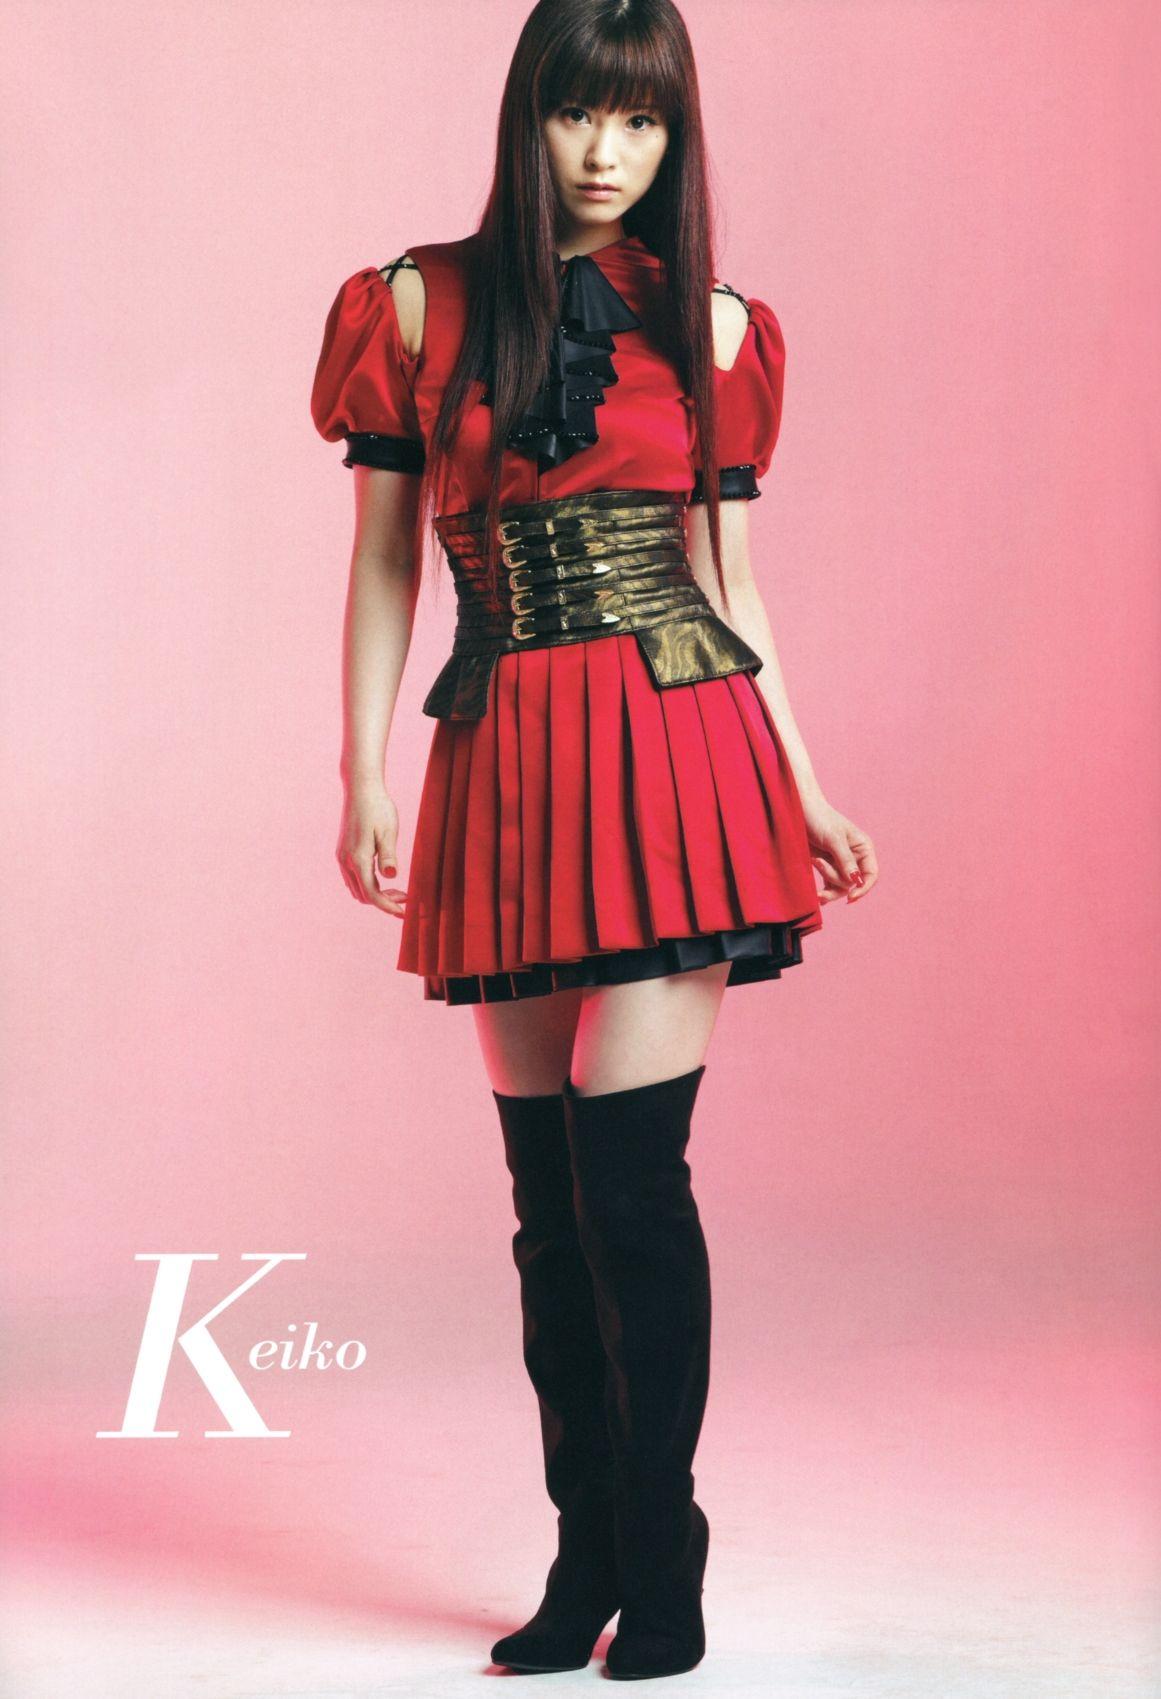 Kalafina - Keiko | Kalafina style | Pinterest | Musicians